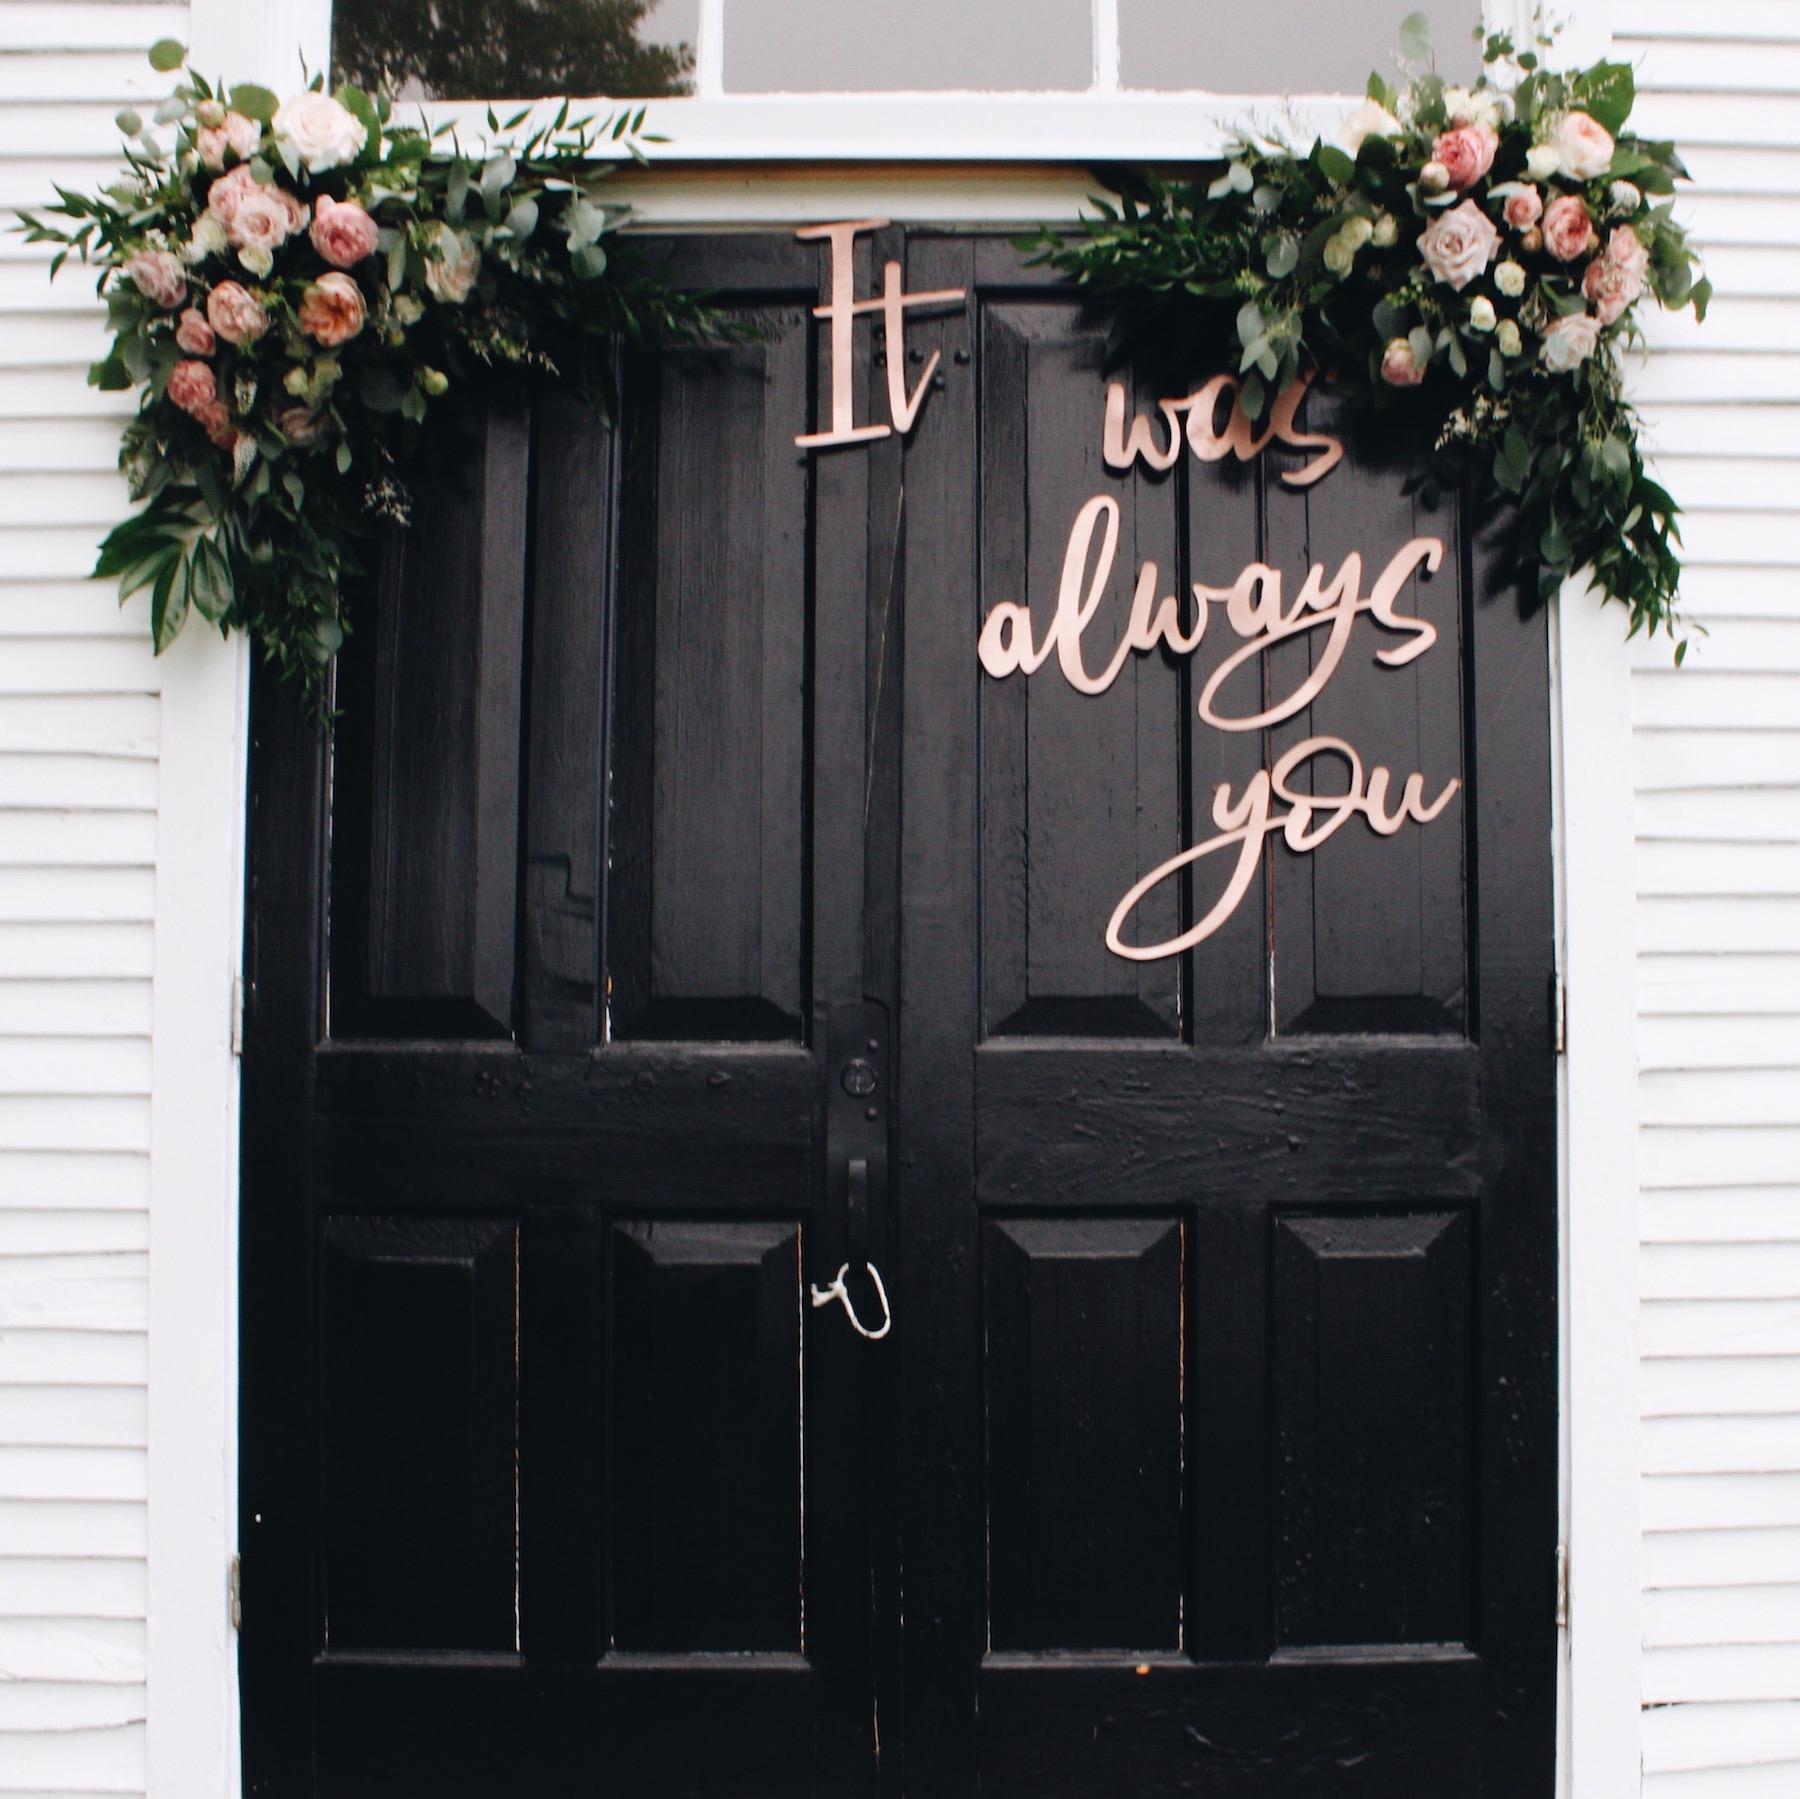 suelovesnyc_hochzeit_vor_der_hochzeit_nicht_verruckt_heiraten_hochzeitsplanung vor der Hochzeit